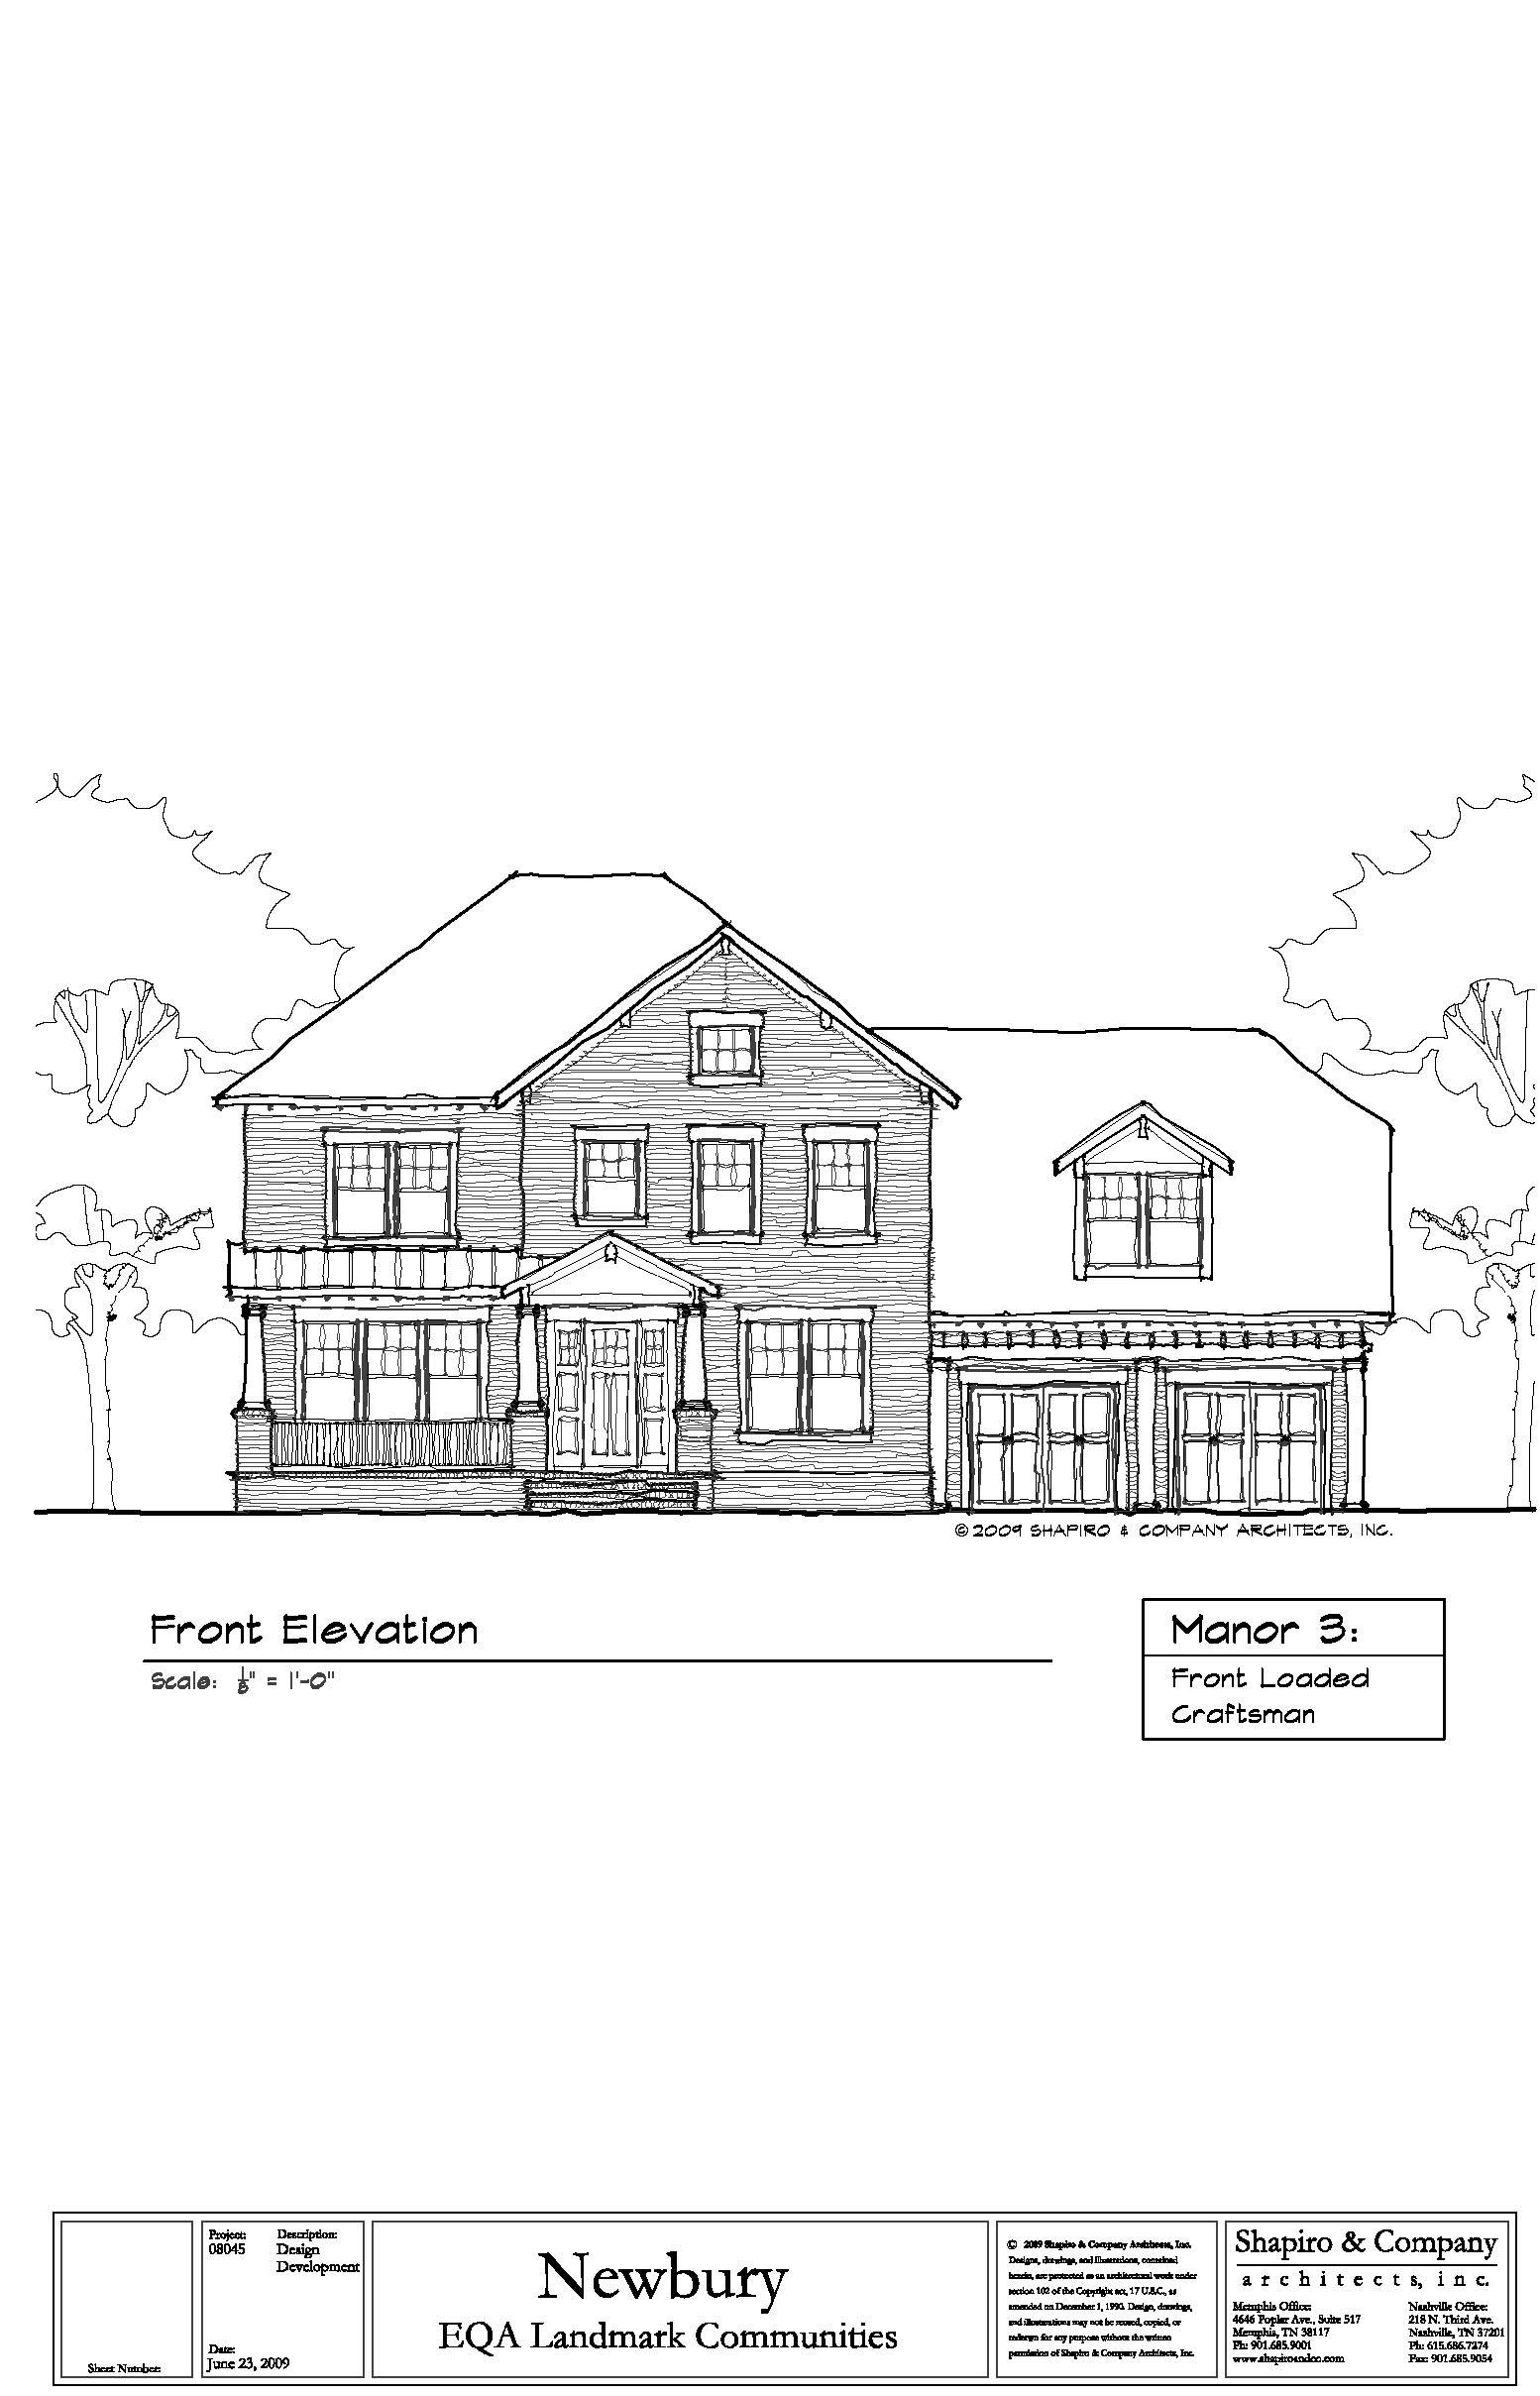 House designs newbury Home architecture newbury